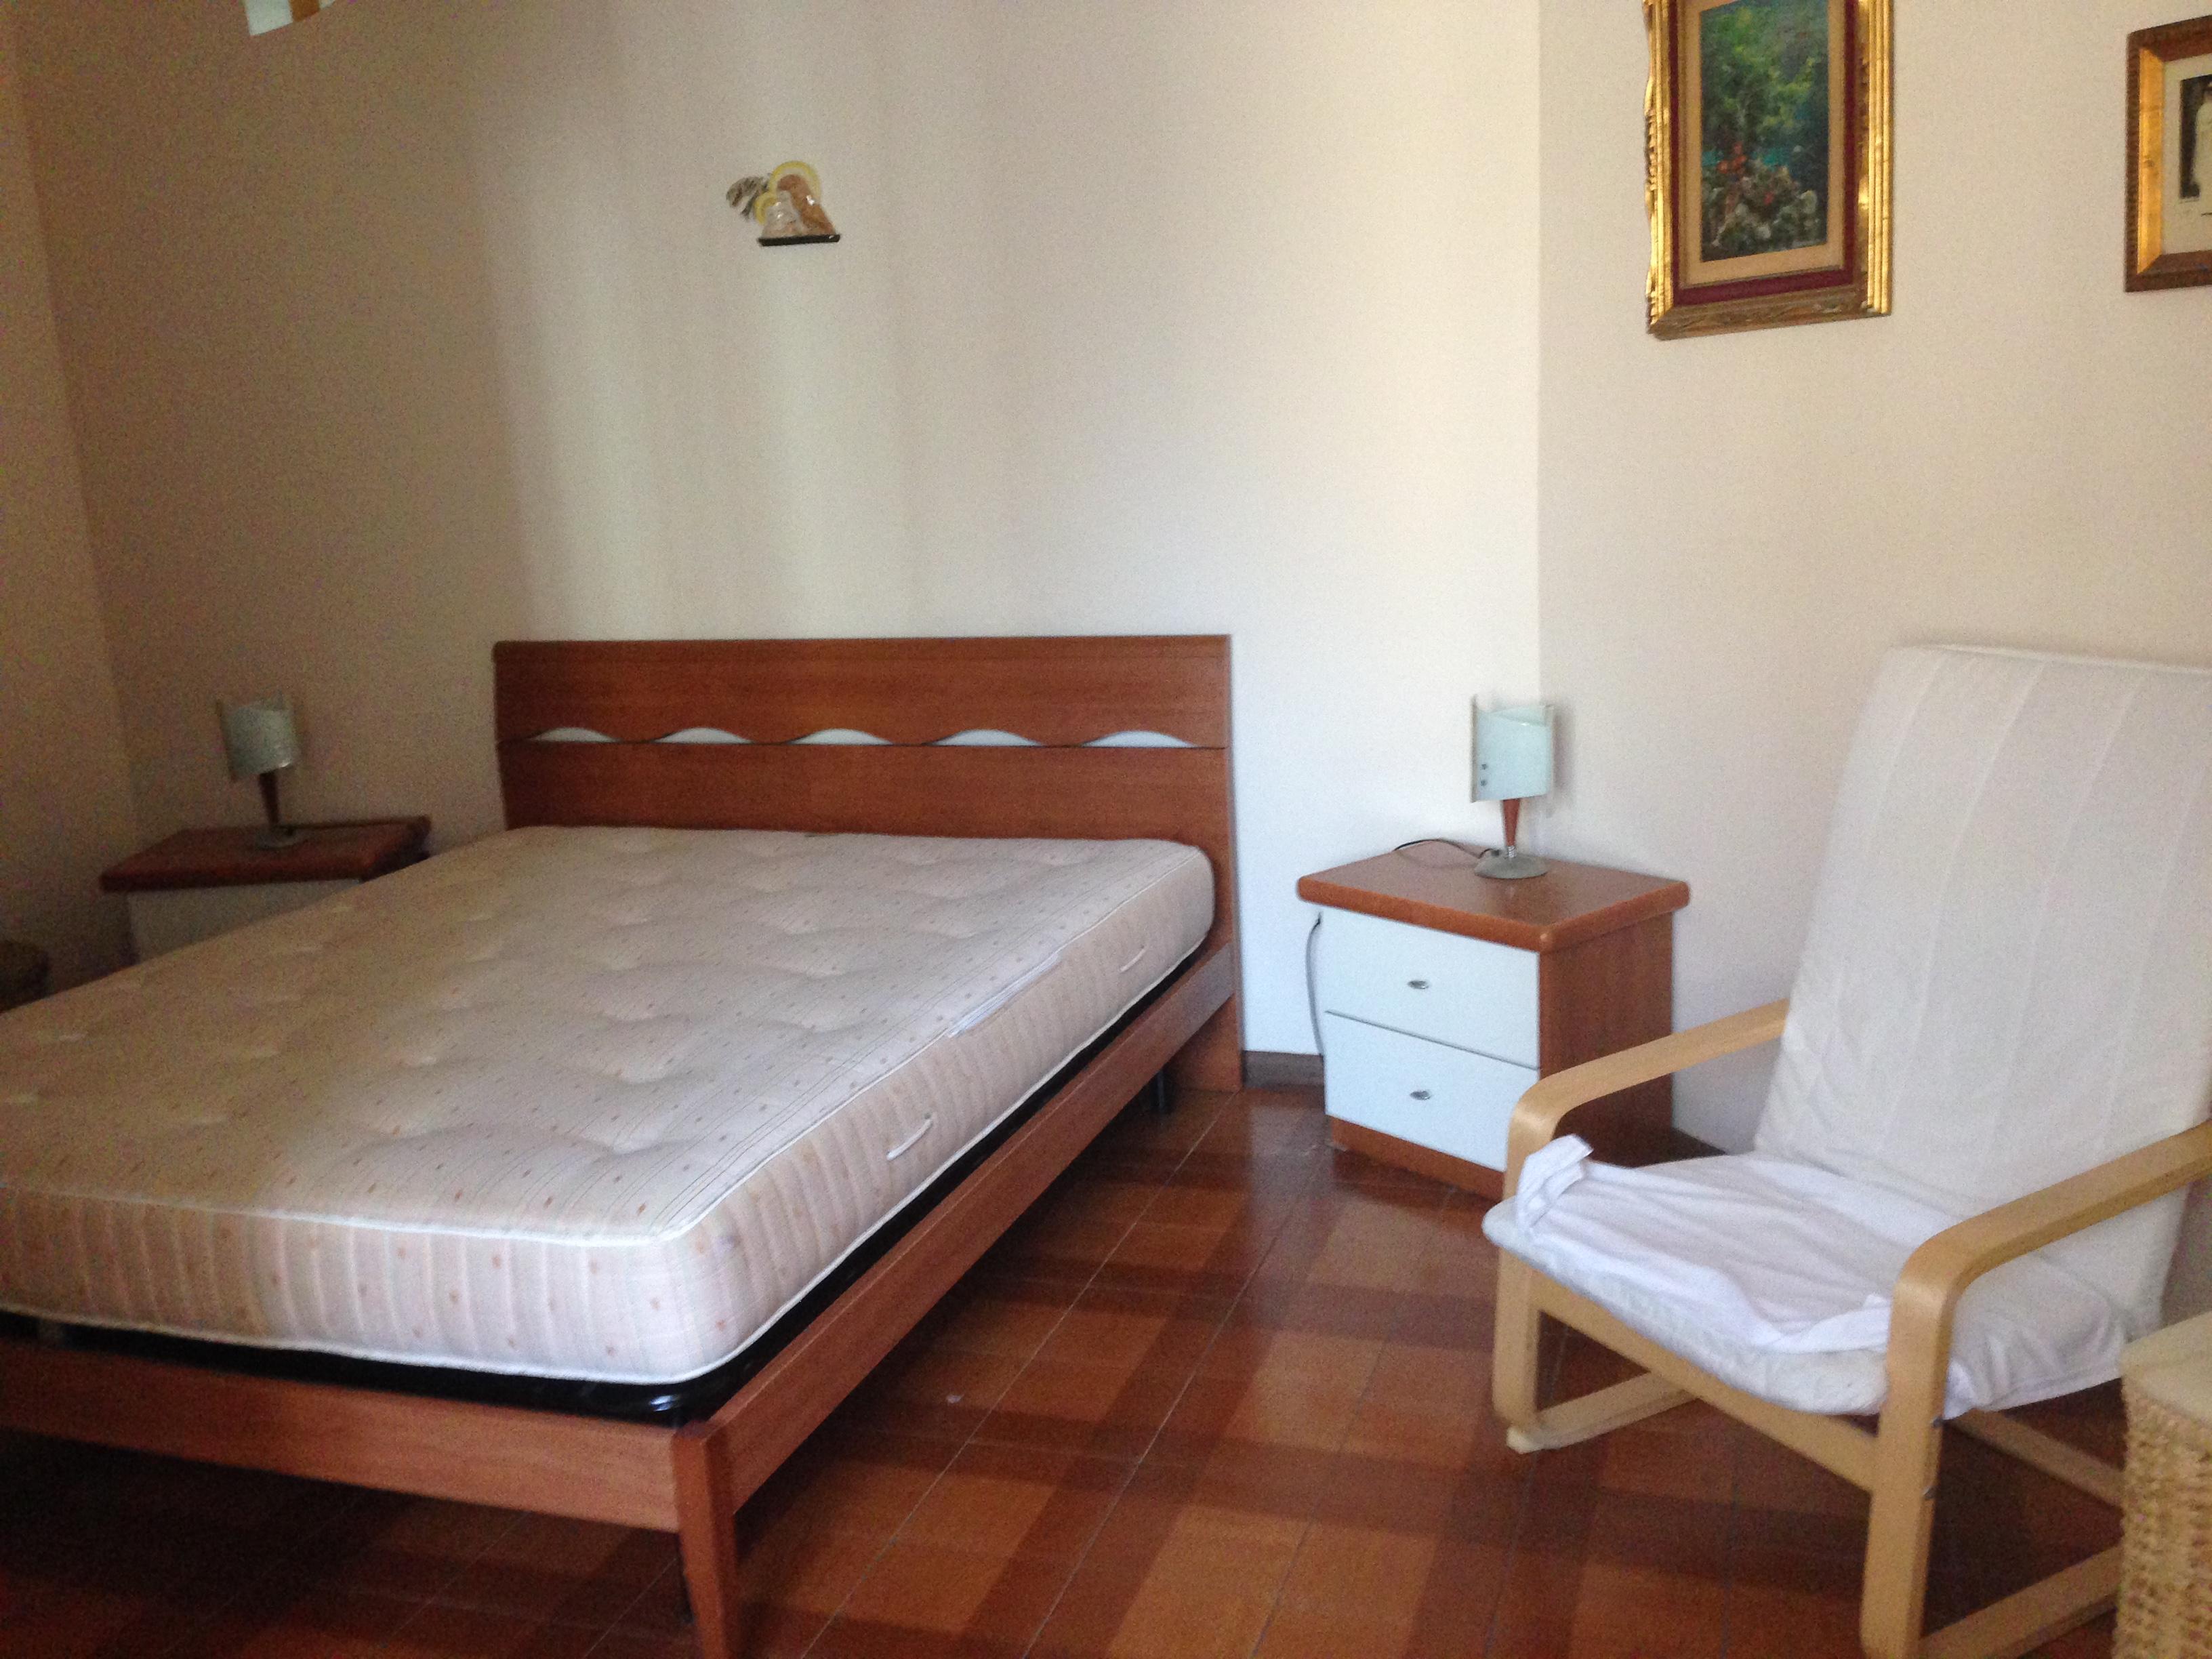 Appartamento in vendita a foligno subasio case for Immobiliare foligno